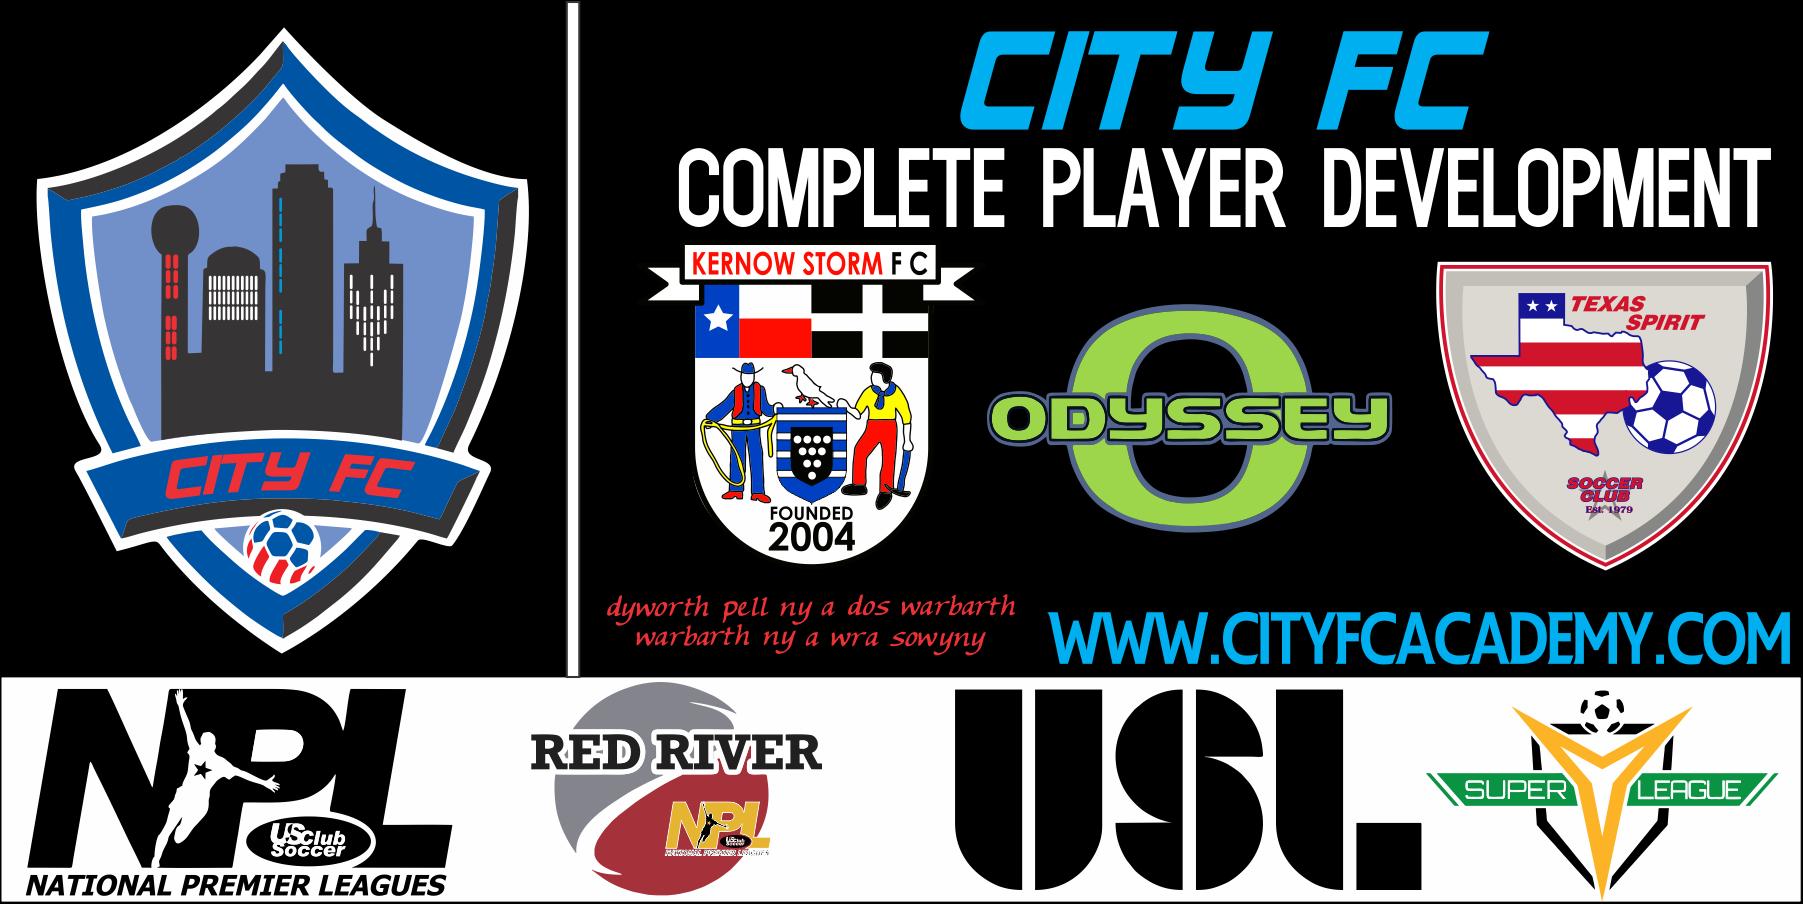 City FC affiliates